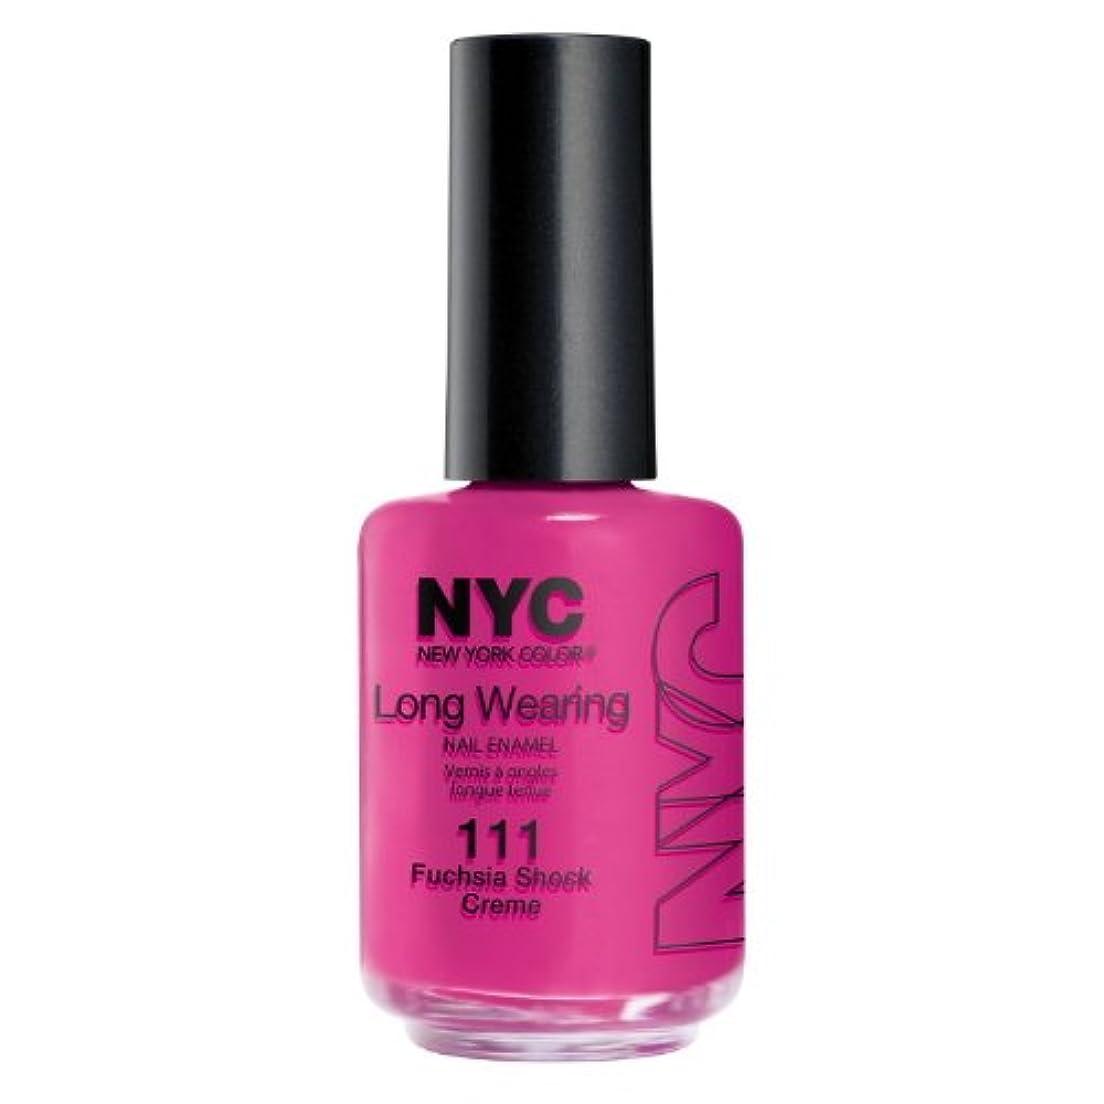 敷居お手入れ山(6 Pack) NYC Long Wearing Nail Enamel - Fuchisia Shock Creme (並行輸入品)